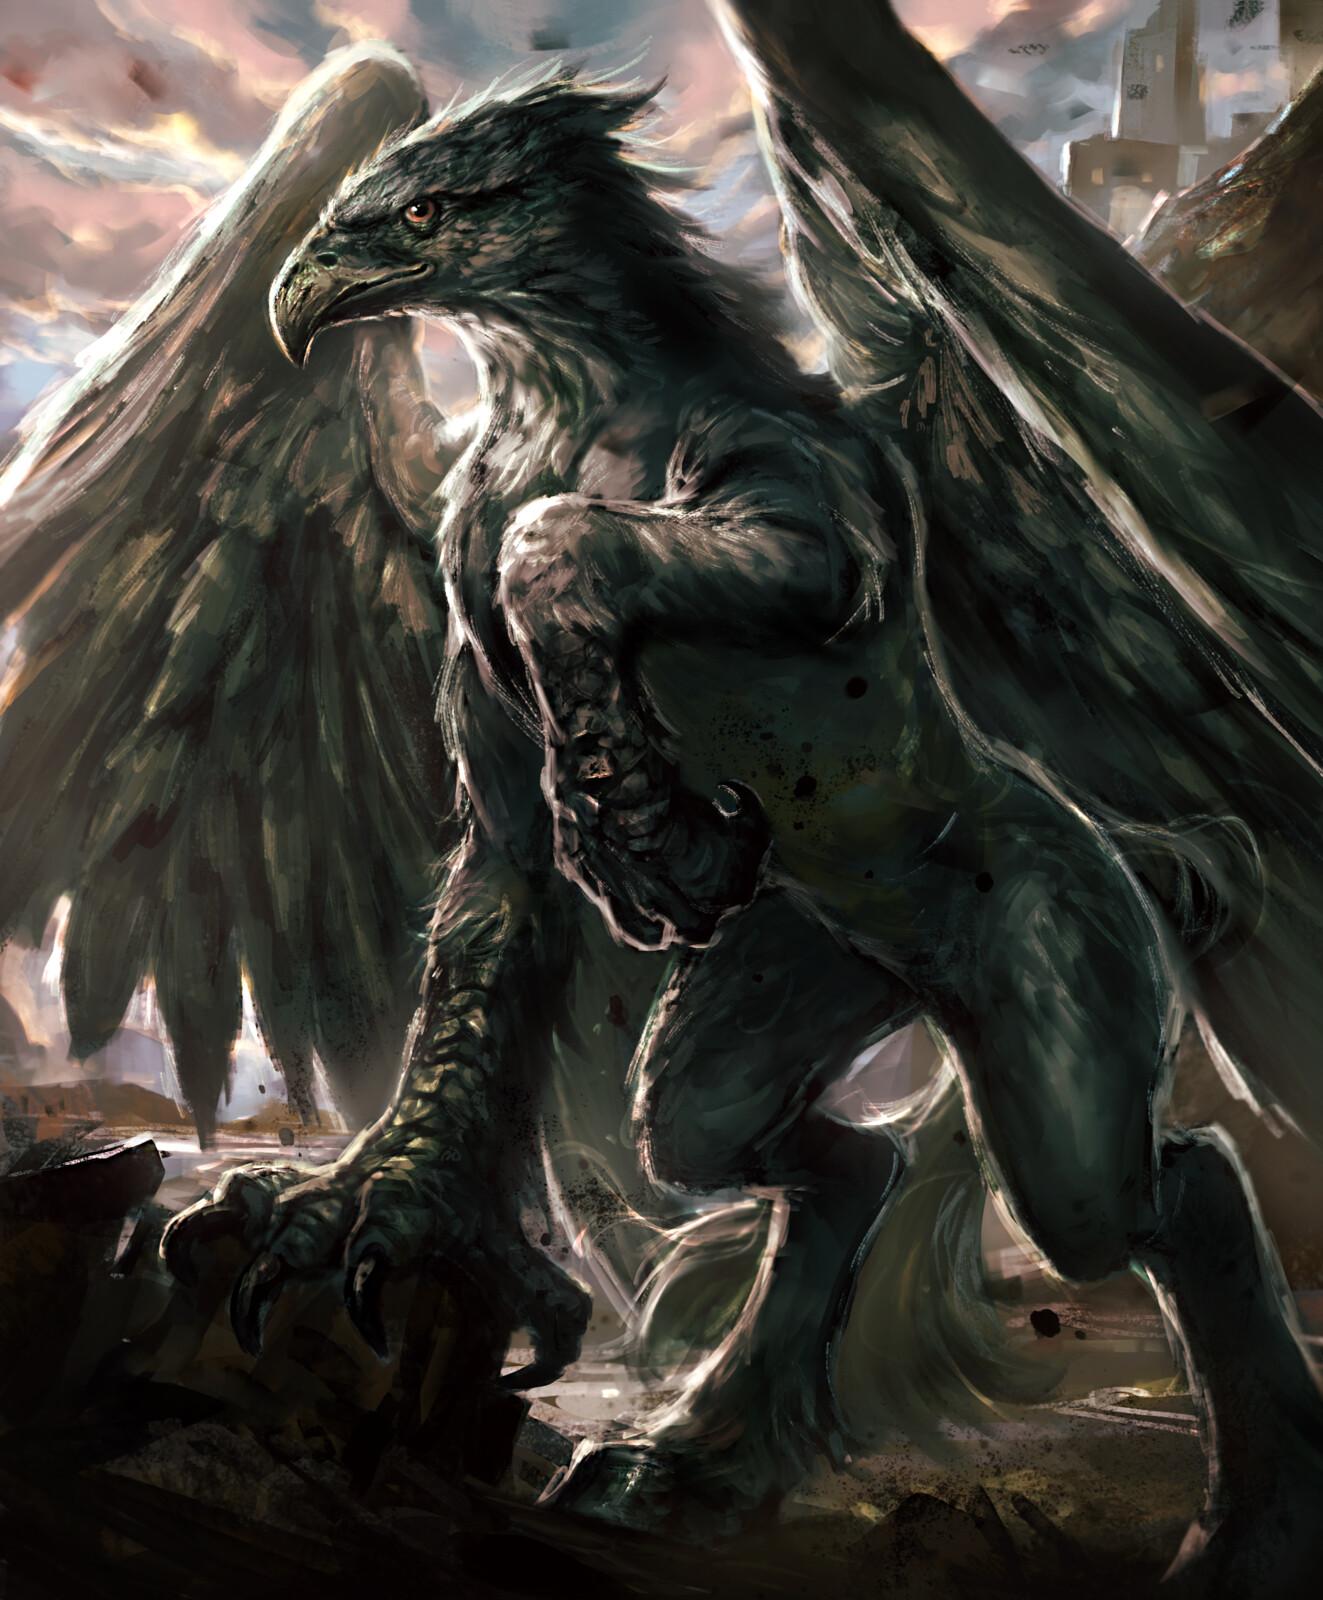 Hippogriff-tcg art